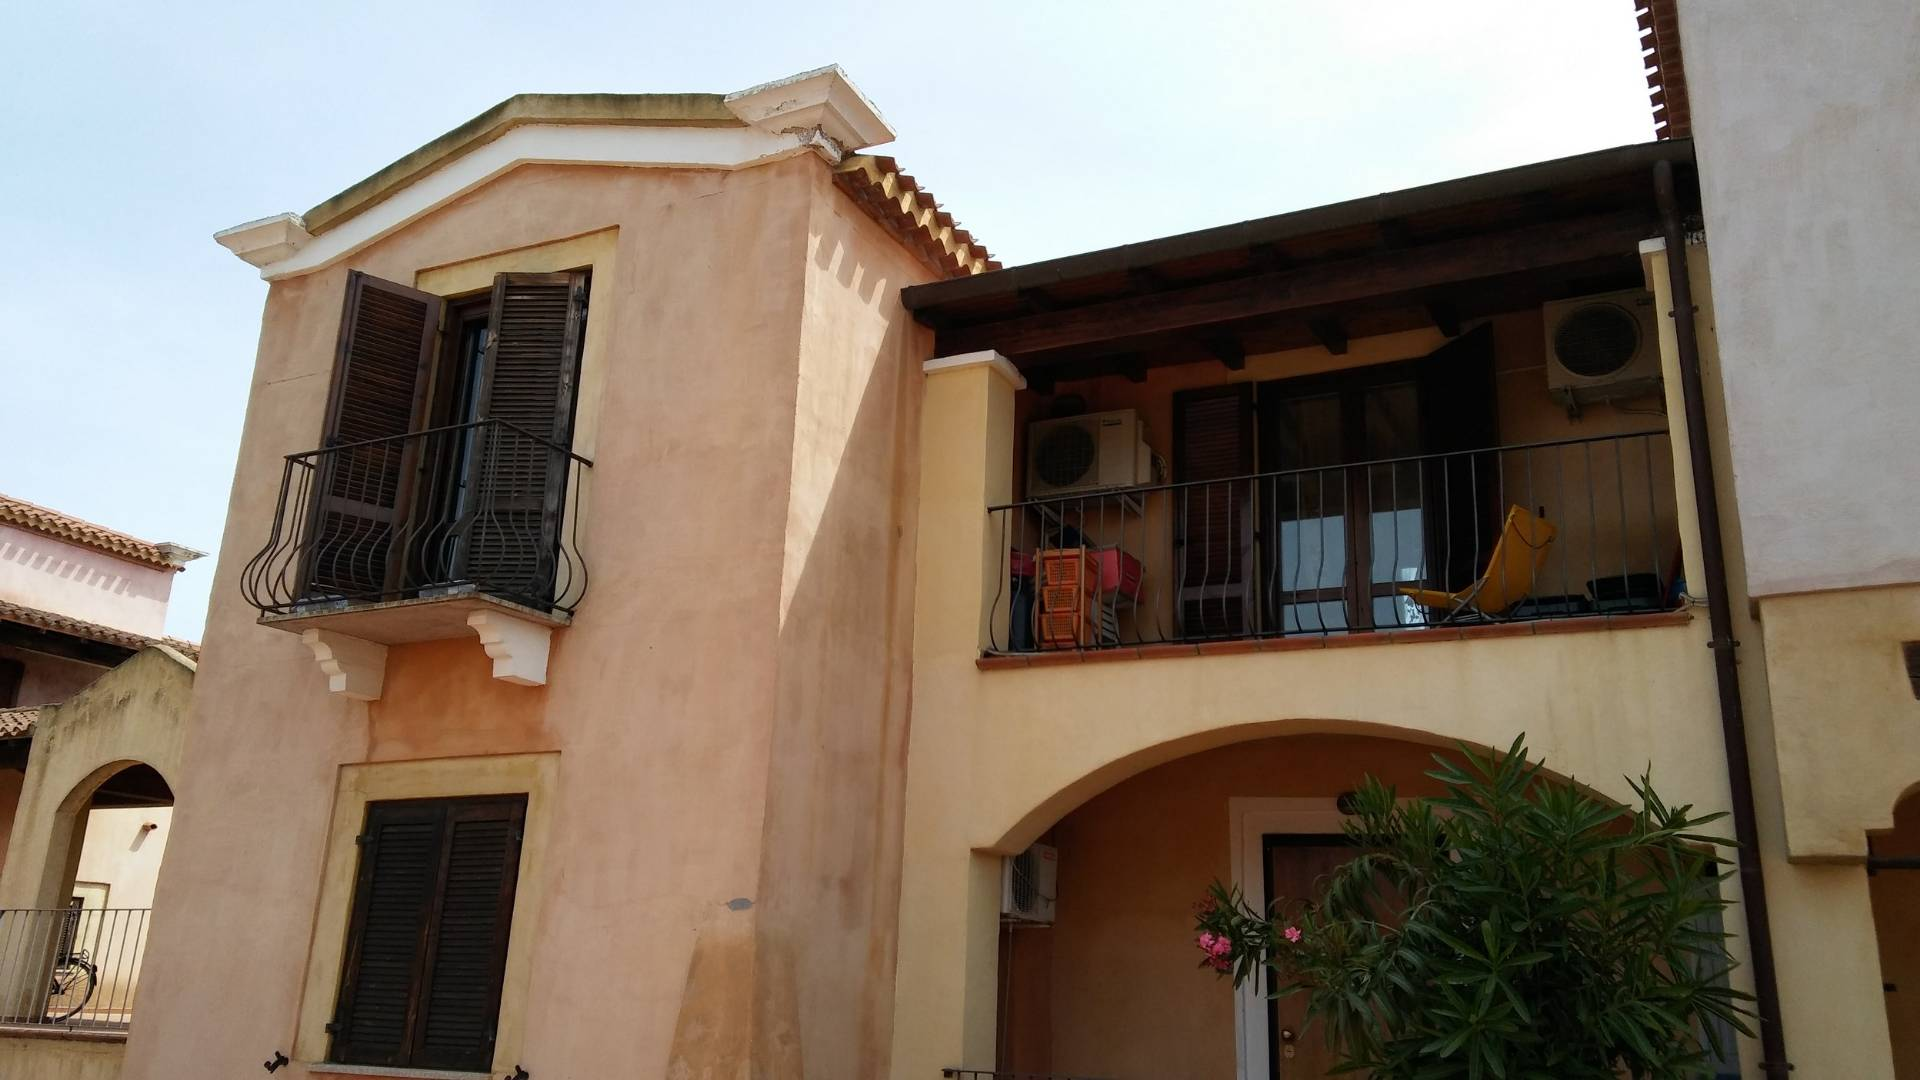 Appartamento in vendita a Tortolì, 3 locali, prezzo € 100.000 | CambioCasa.it